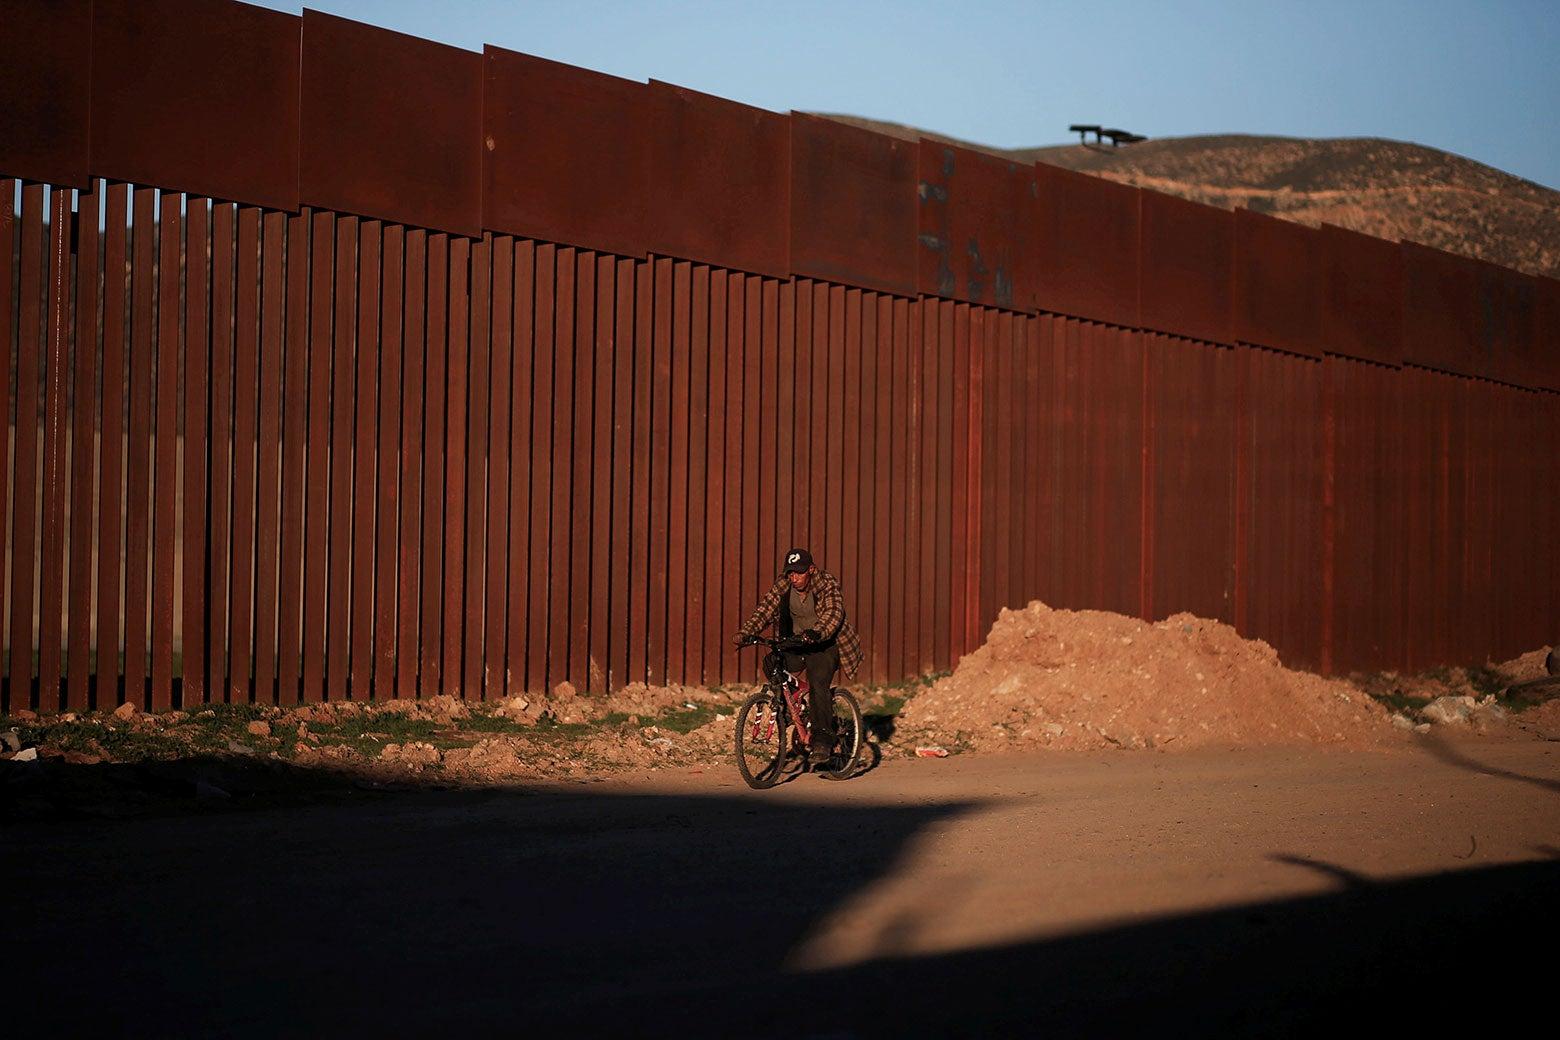 A man rides his bicycle near a border wall.